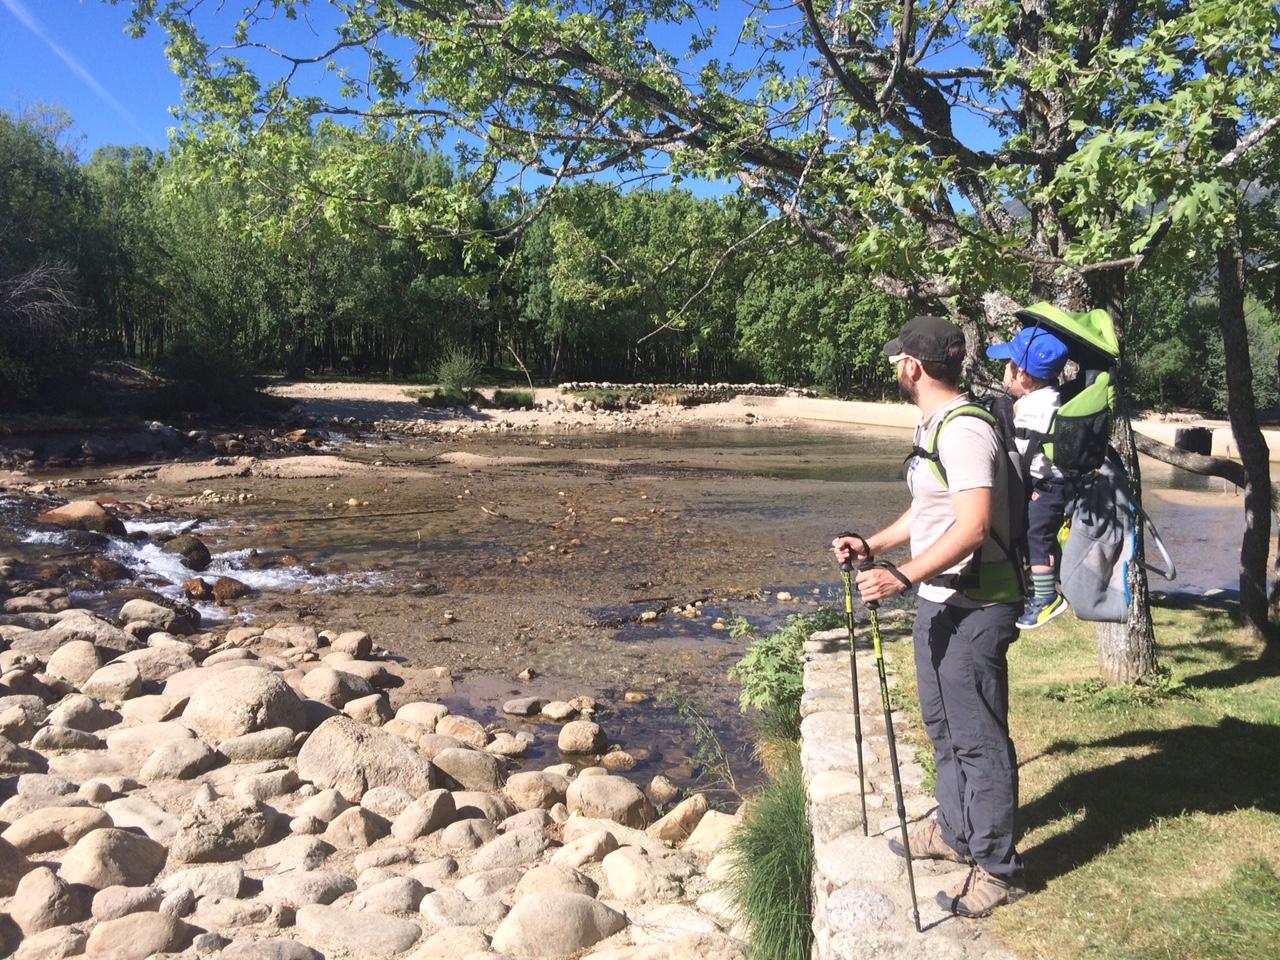 Piscinas naturales de las presillas y senderismo junto al for Aguas termales naturales madrid